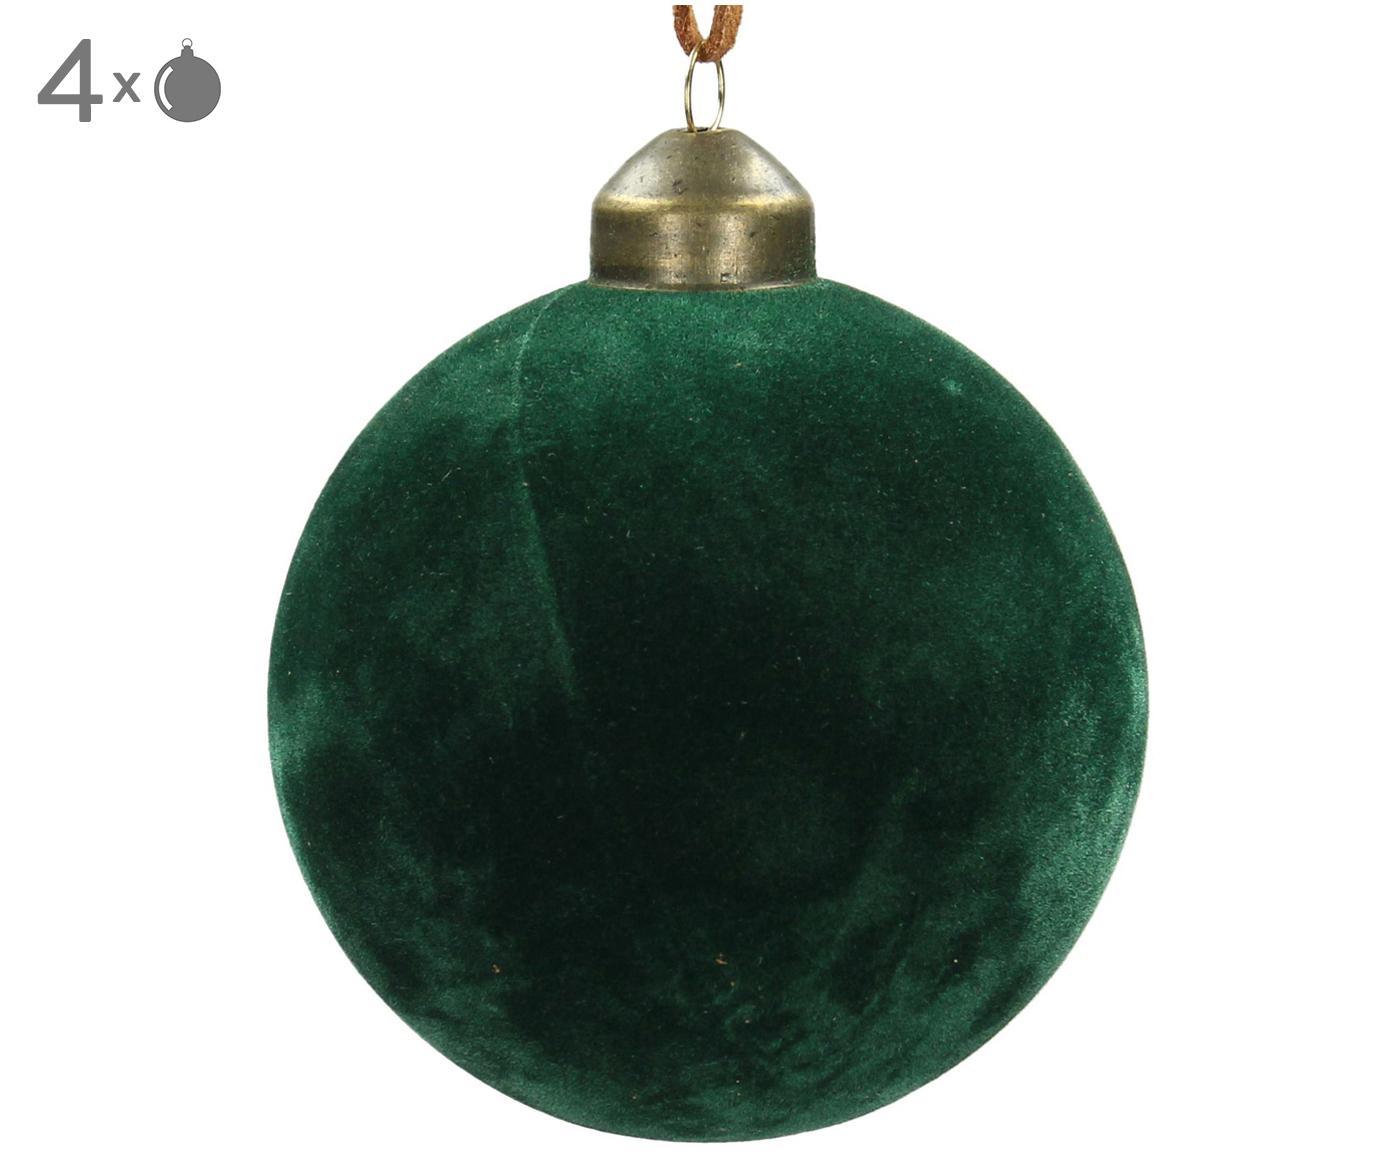 Palla di Natale Velvet, 4 pz., Vetro, velluto di poliestere, Verde abete, Ø 8 cm